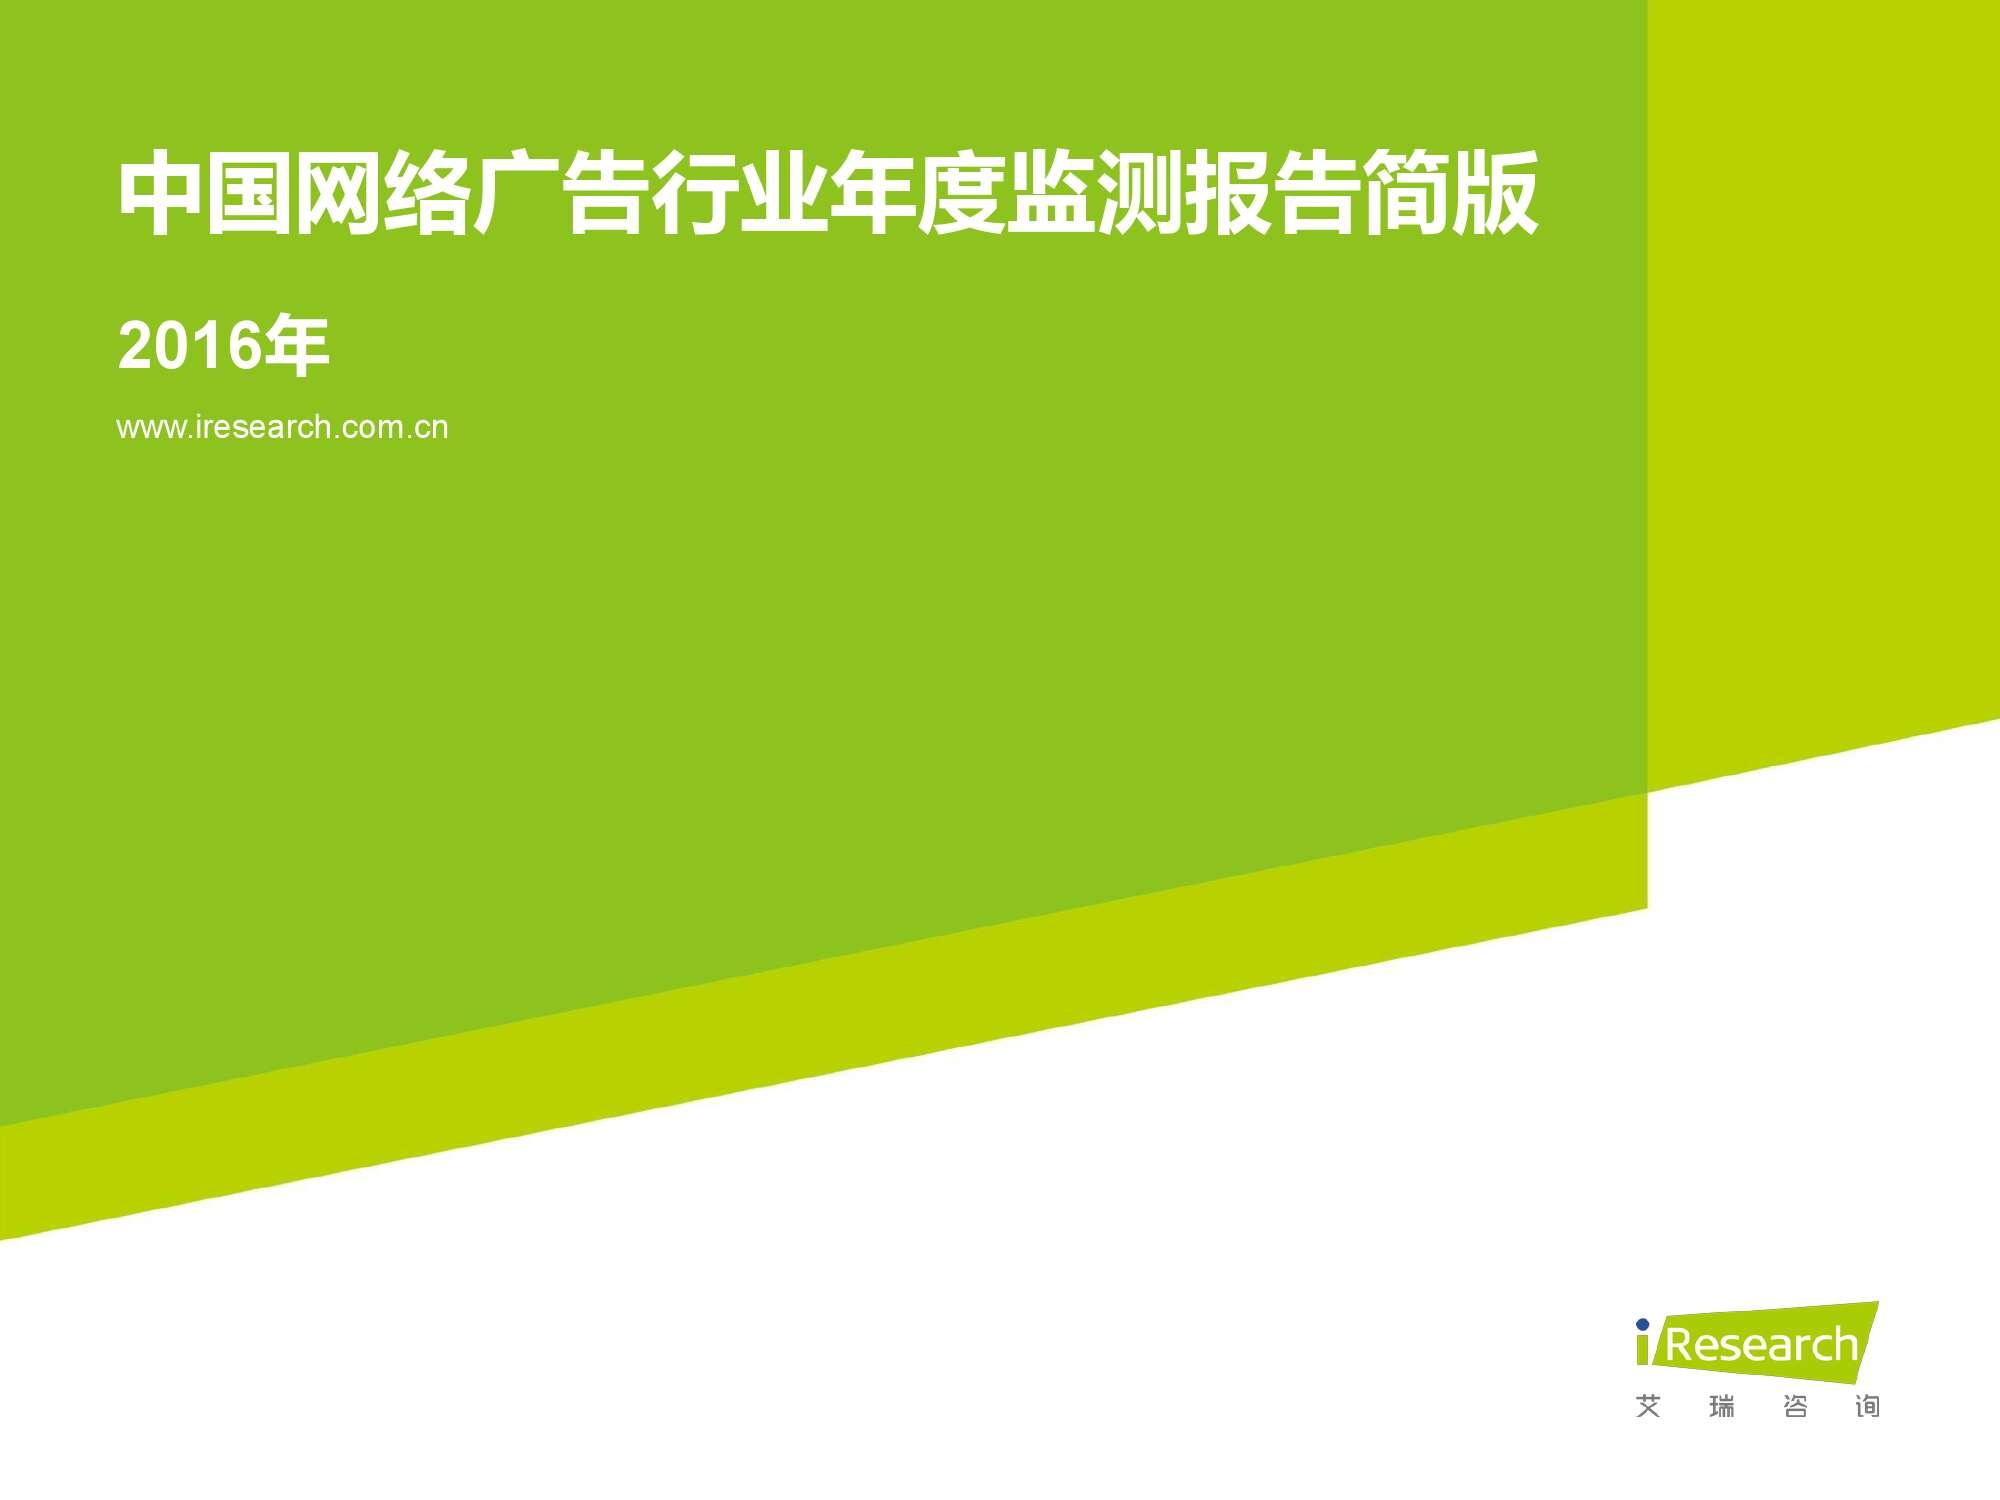 2016年中国网络广告行业年度监测报告简版_000001